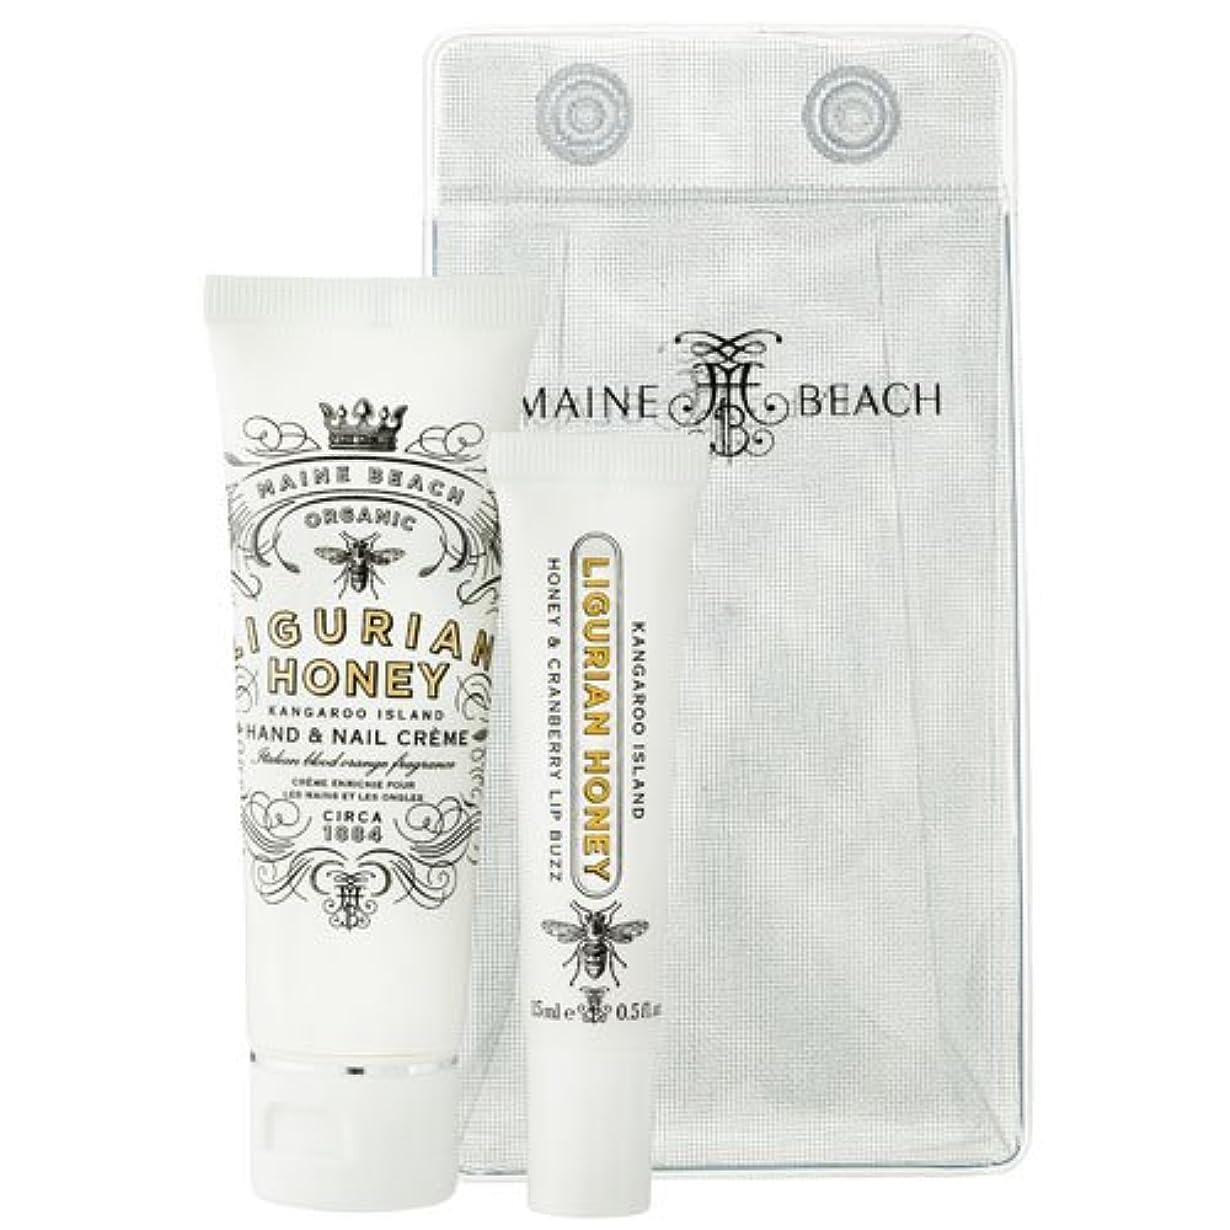 ぶどうクラブ昼食MAINE BEACH マインビーチ リグリアンハニーシリーズ  Essentials DUO Pack エッセンシャル デュオ パック